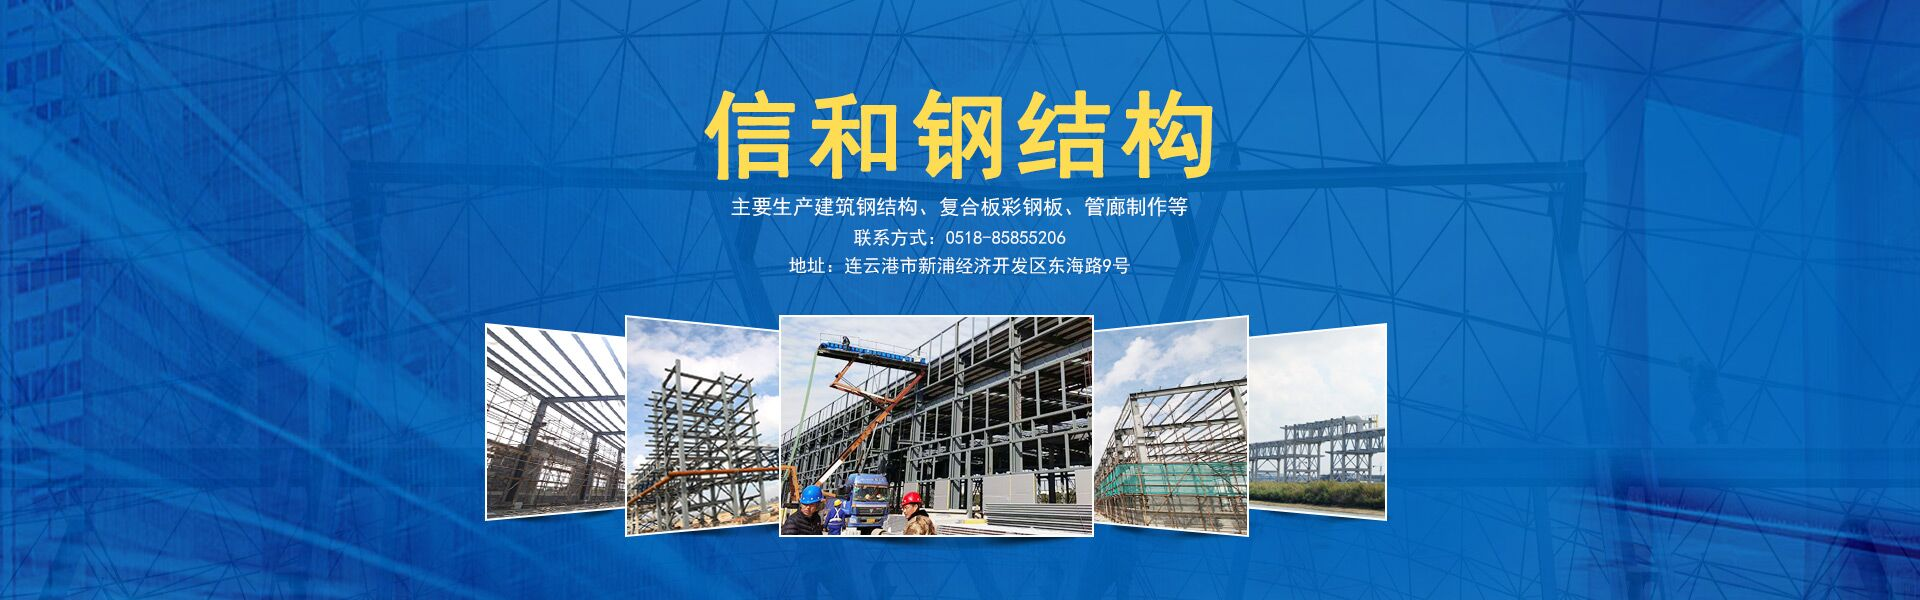 江苏钢结构制作